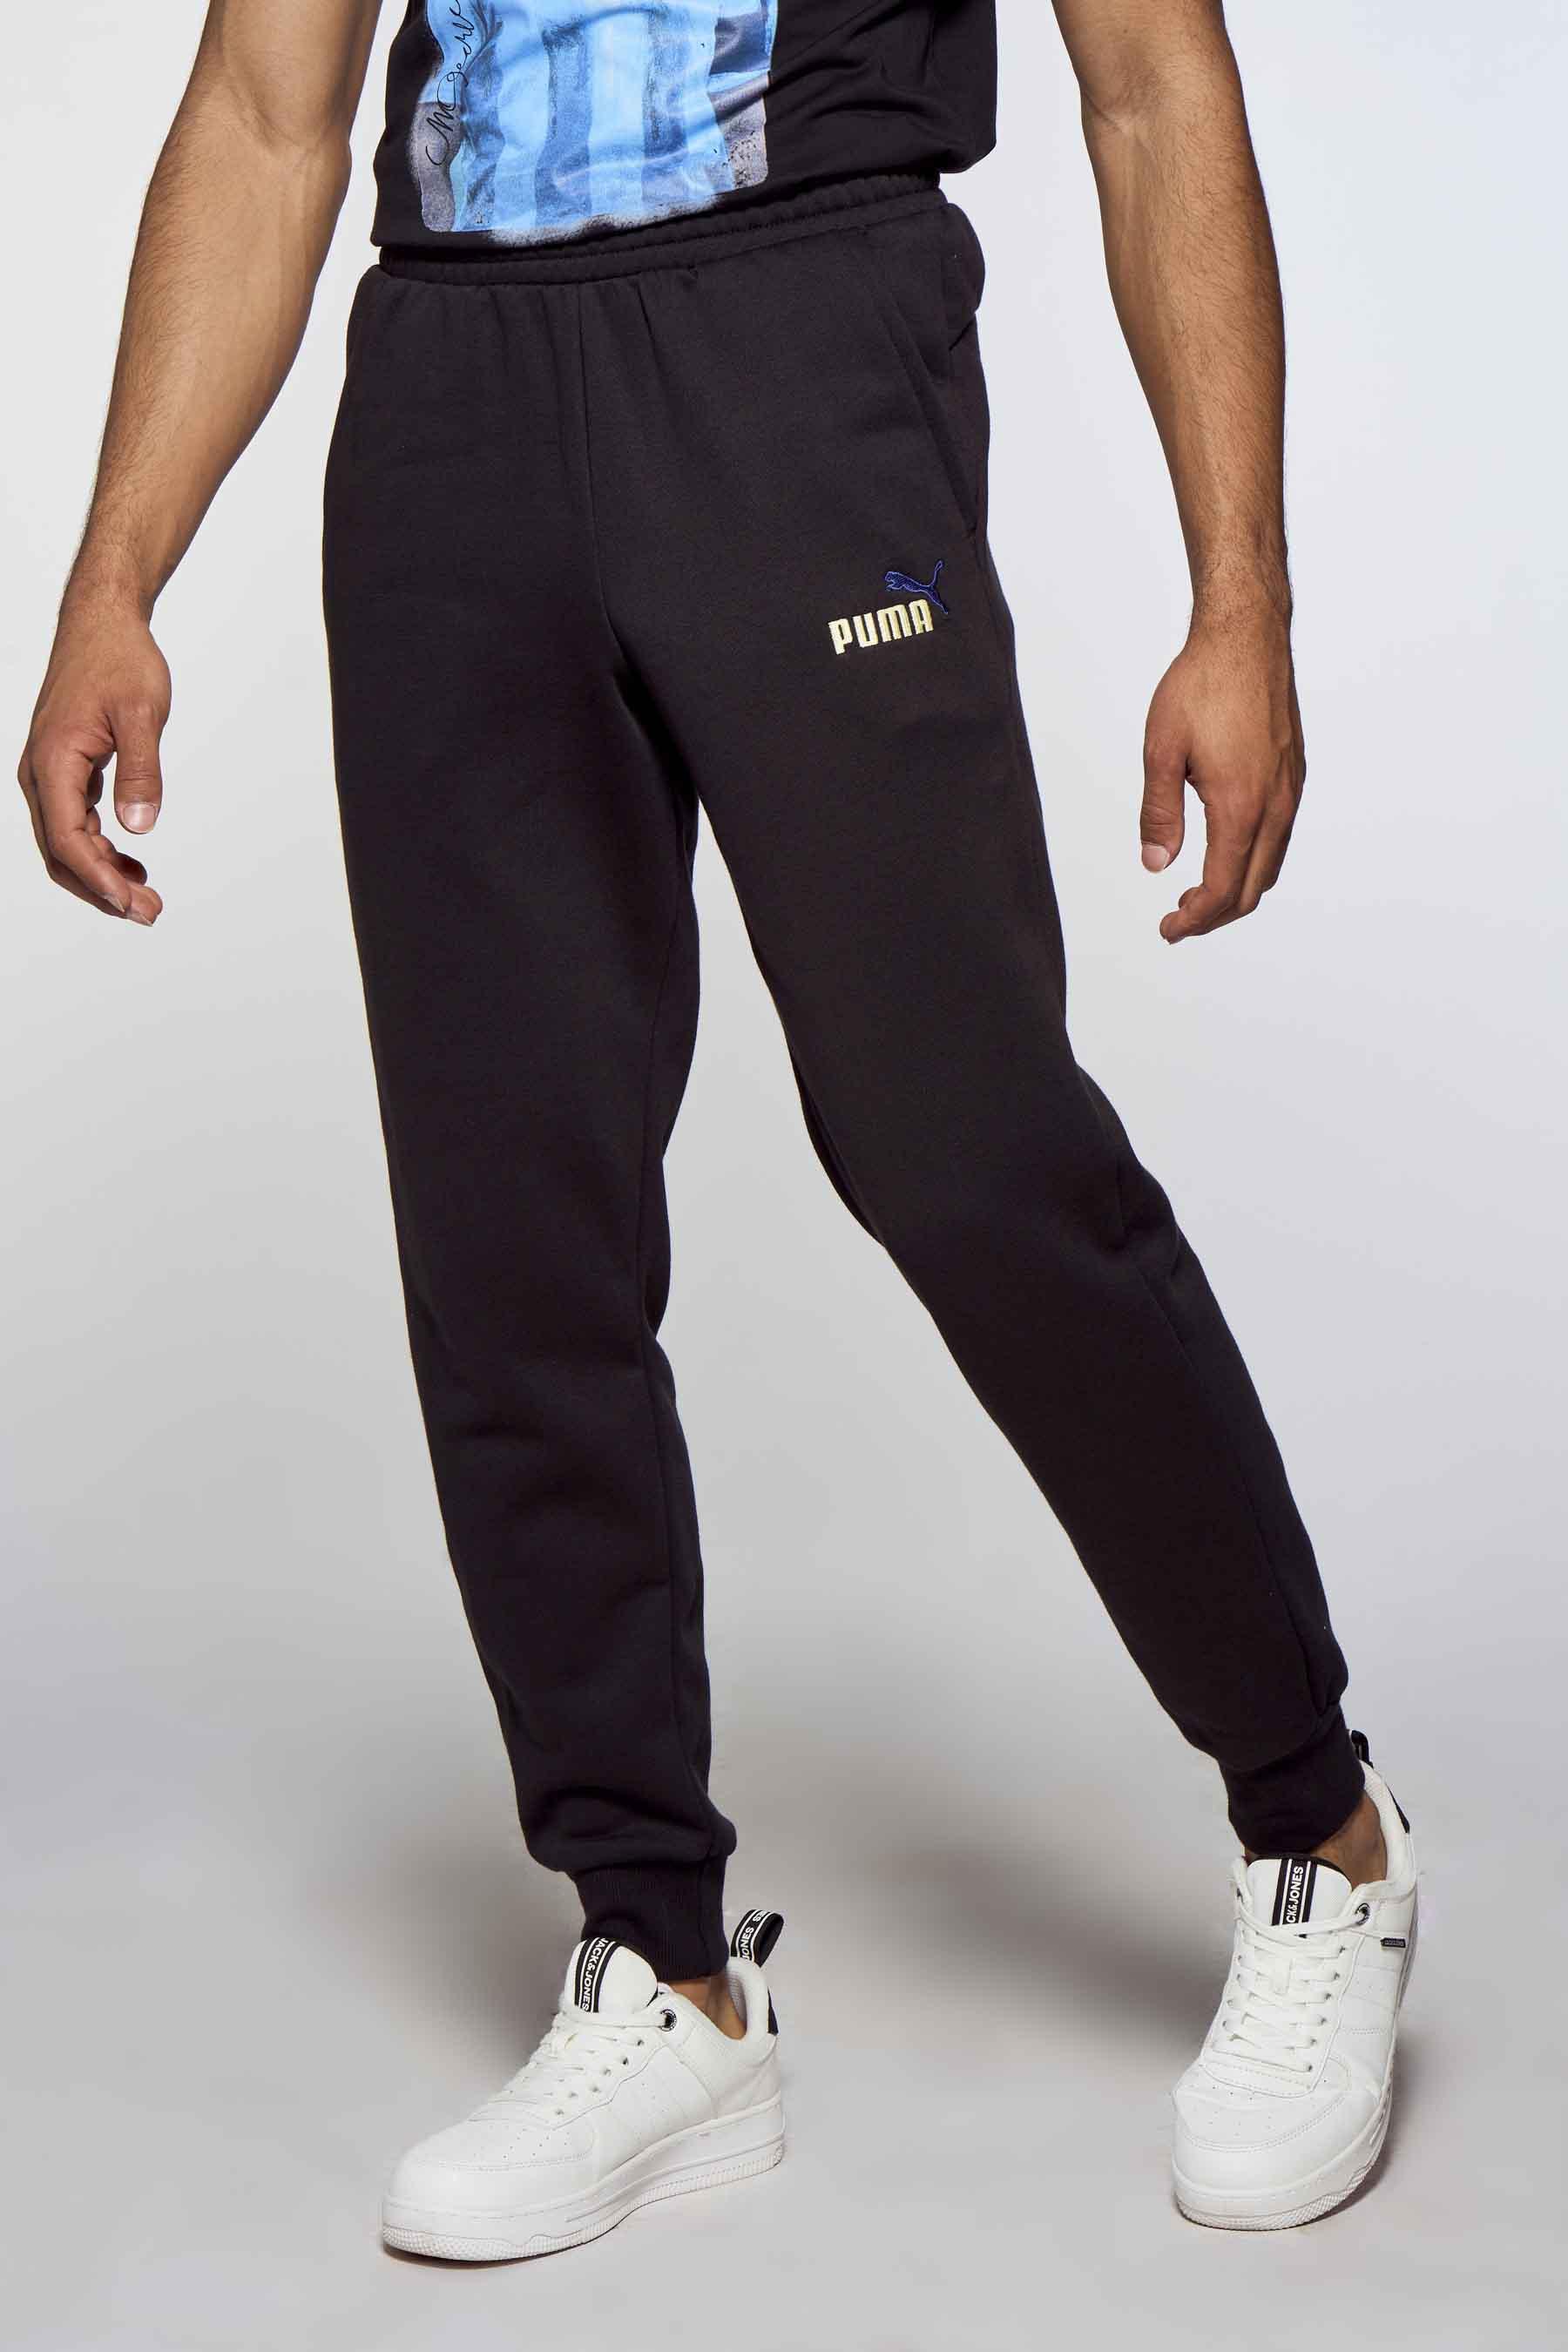 Puma Jogging, Zwart, Heren, Maat: S/XS